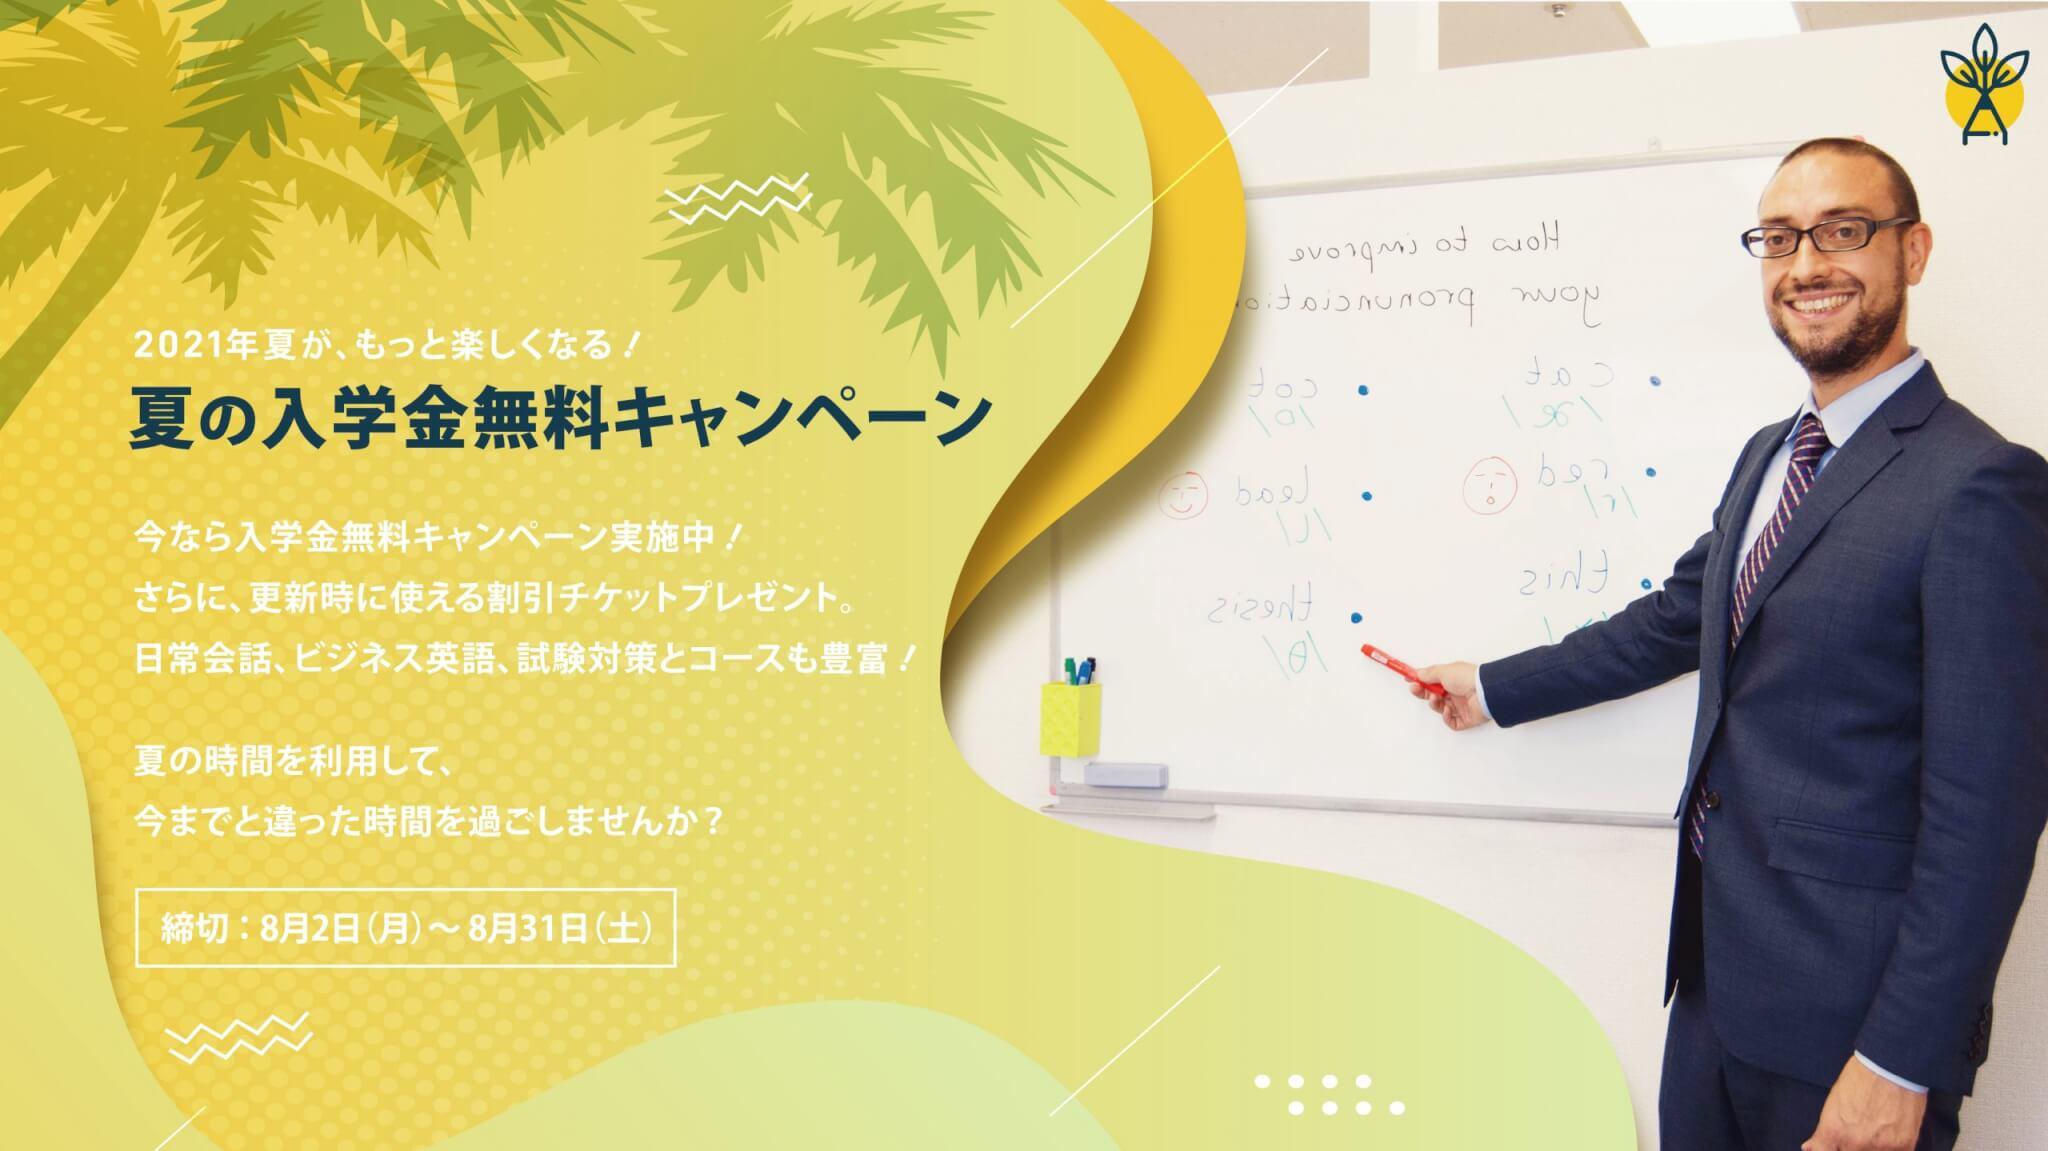 夏の入学金無料キャンペーン実施中!